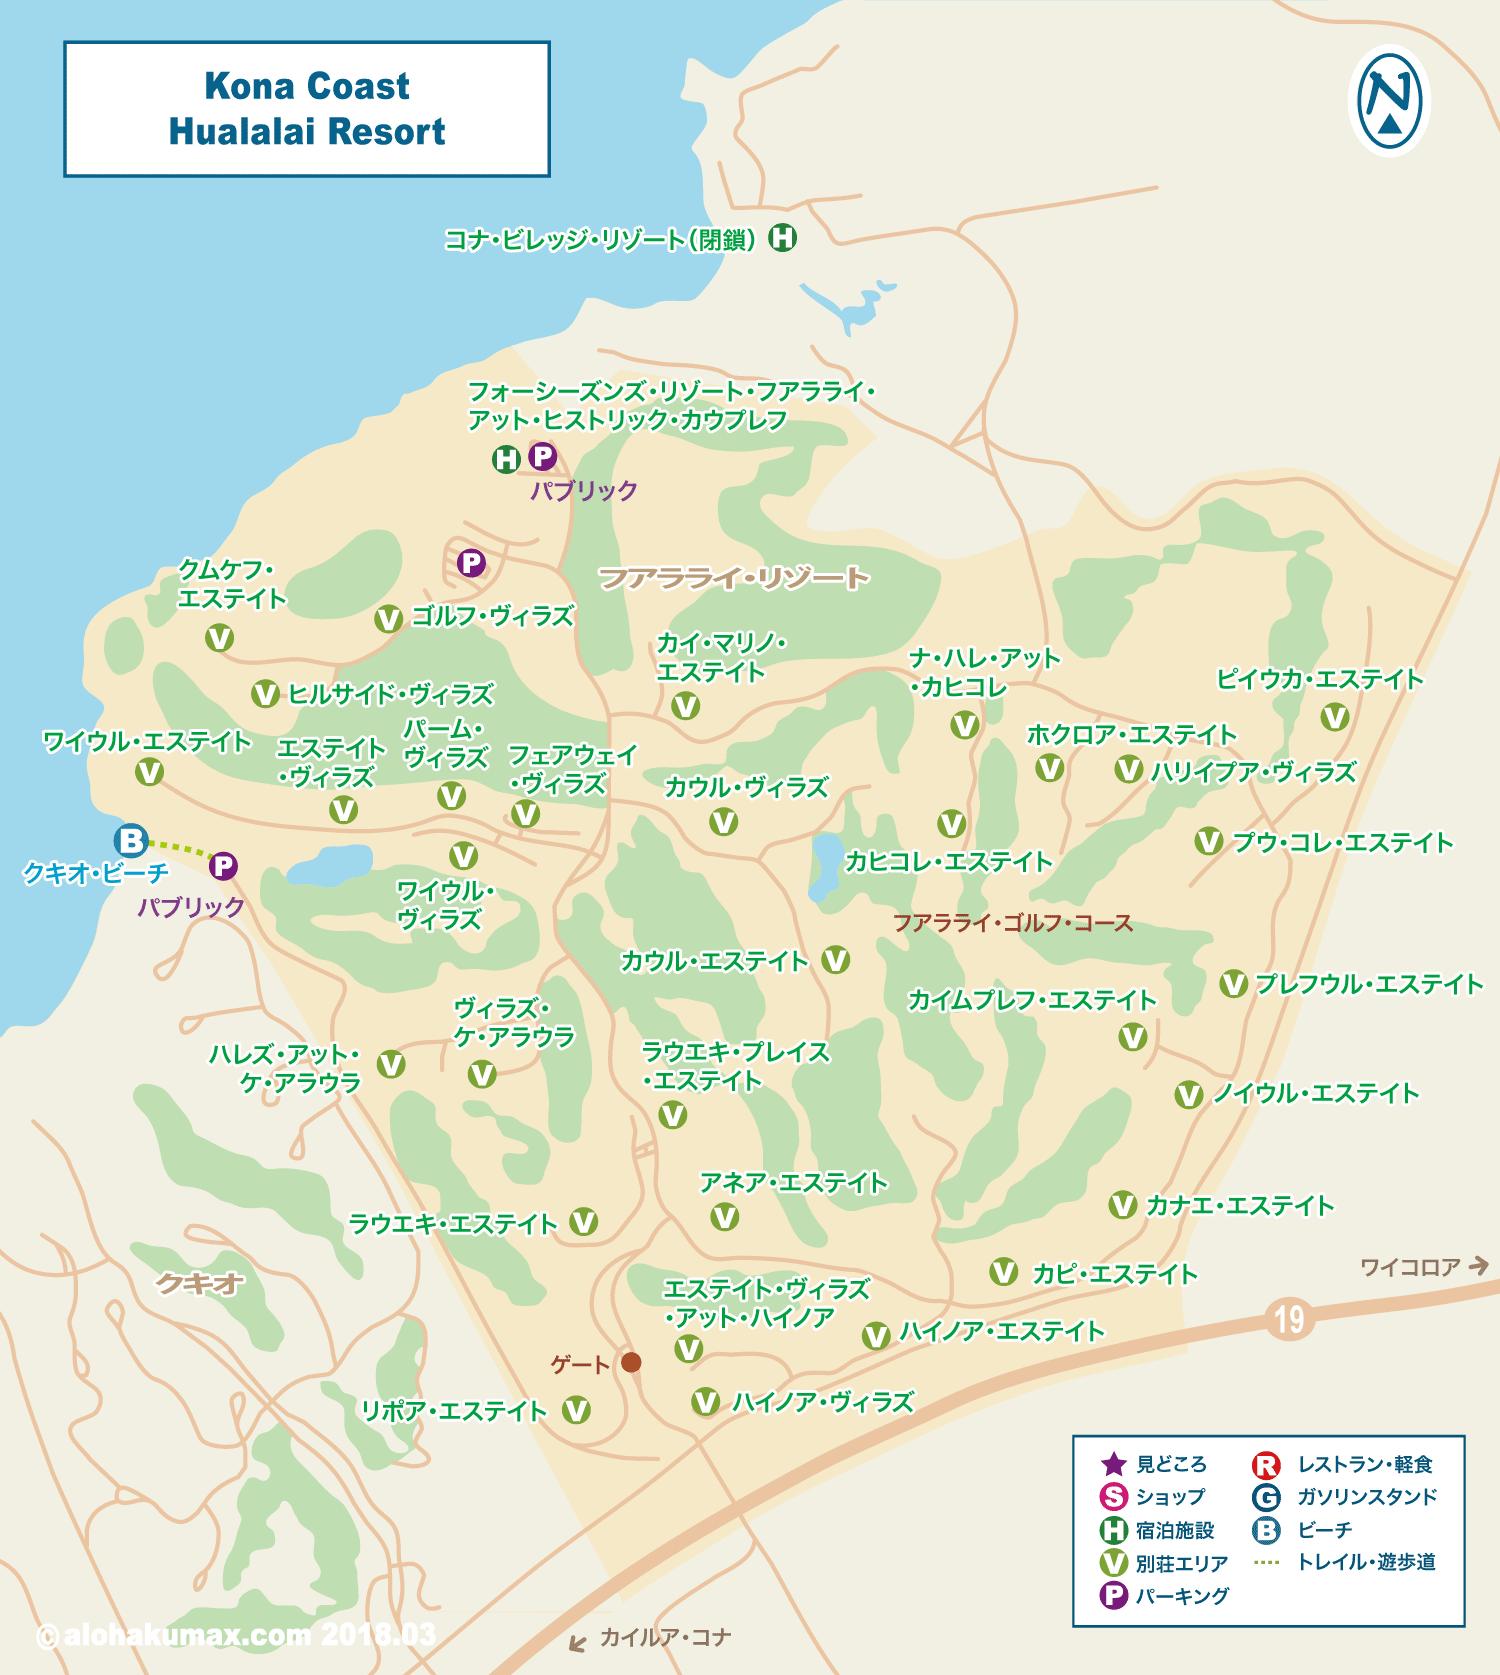 フアラライ・リゾート